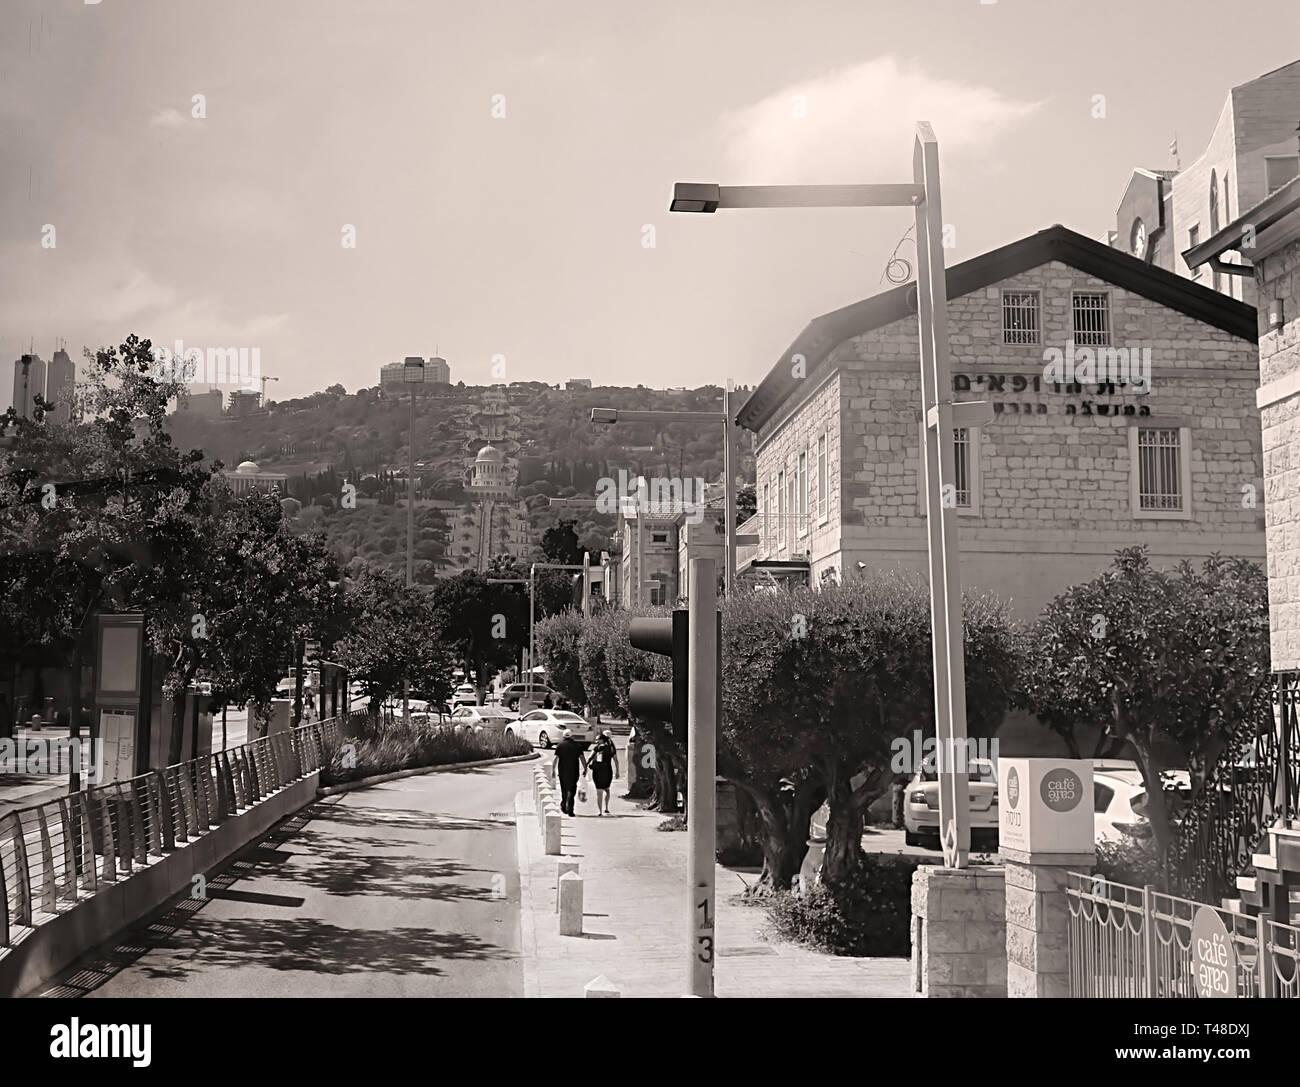 HAIFA, ISRAEL - SEPTEMBER 18, 2017: On the sreet of Haifa and view of Bahai gardens - Stock Image